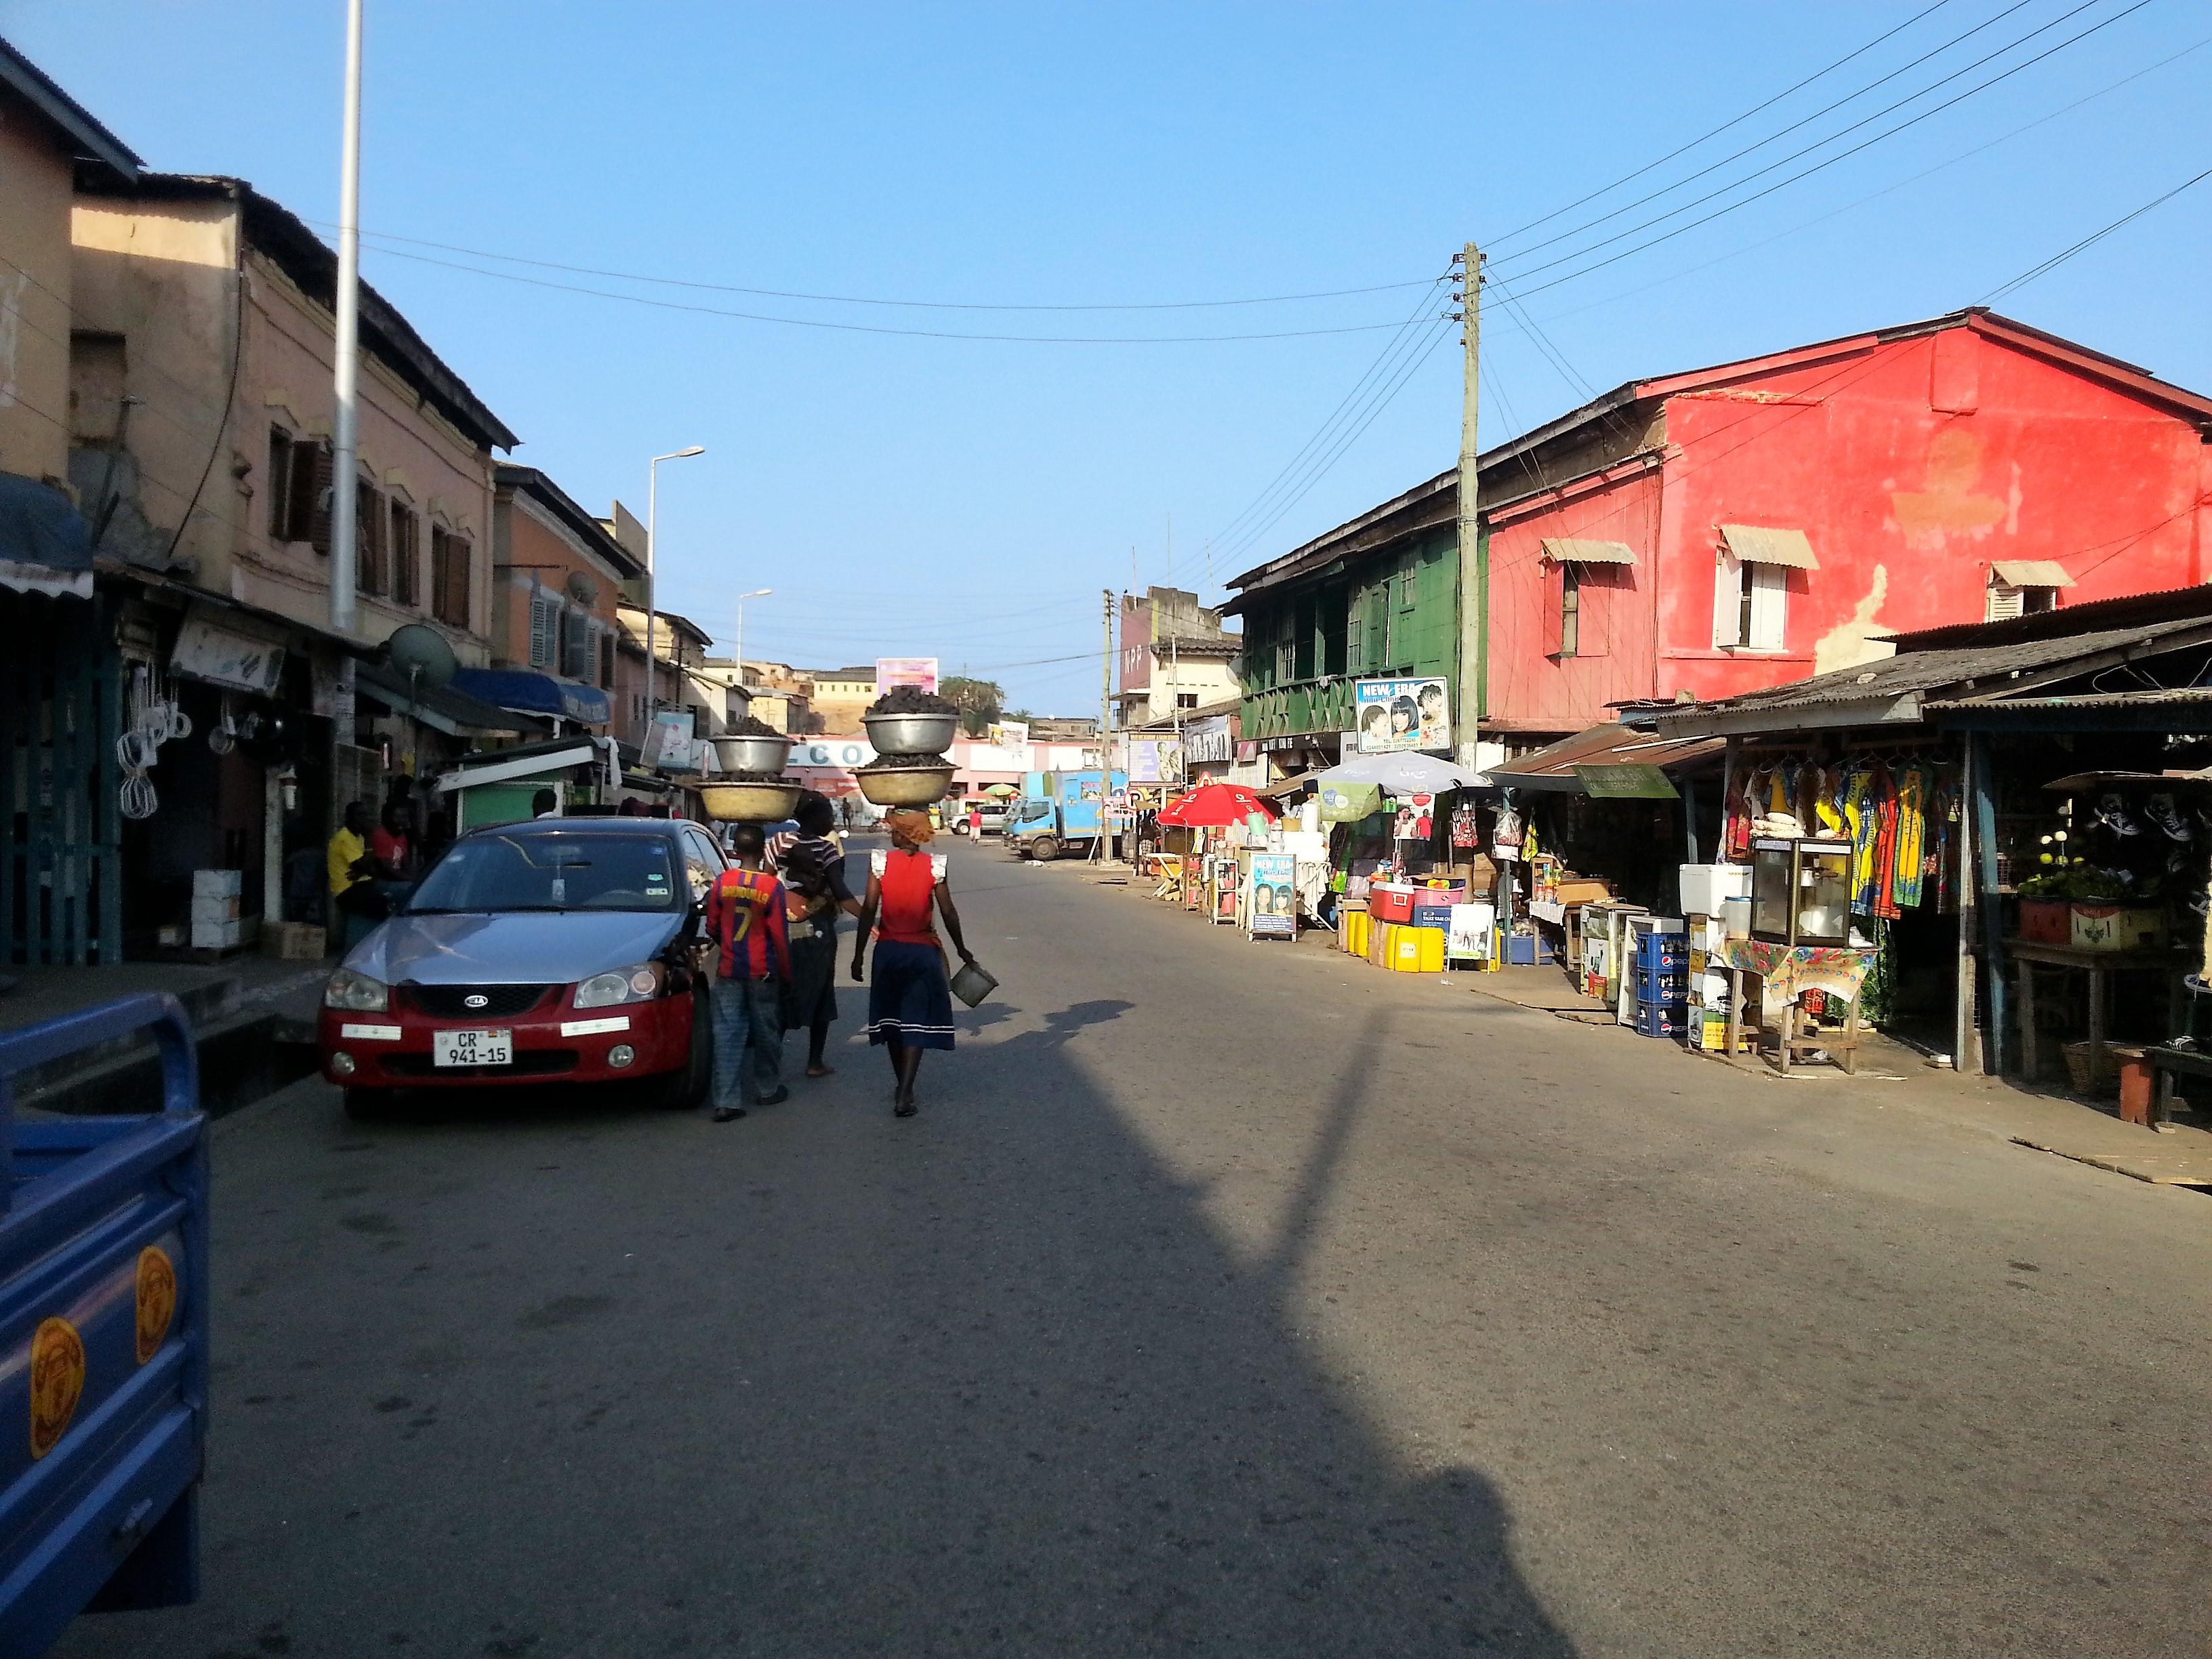 """""""כל בן אדם כאן הוא סוחר פרטי"""". גאנה, אפריקה (צילום: מורן פרארו)"""